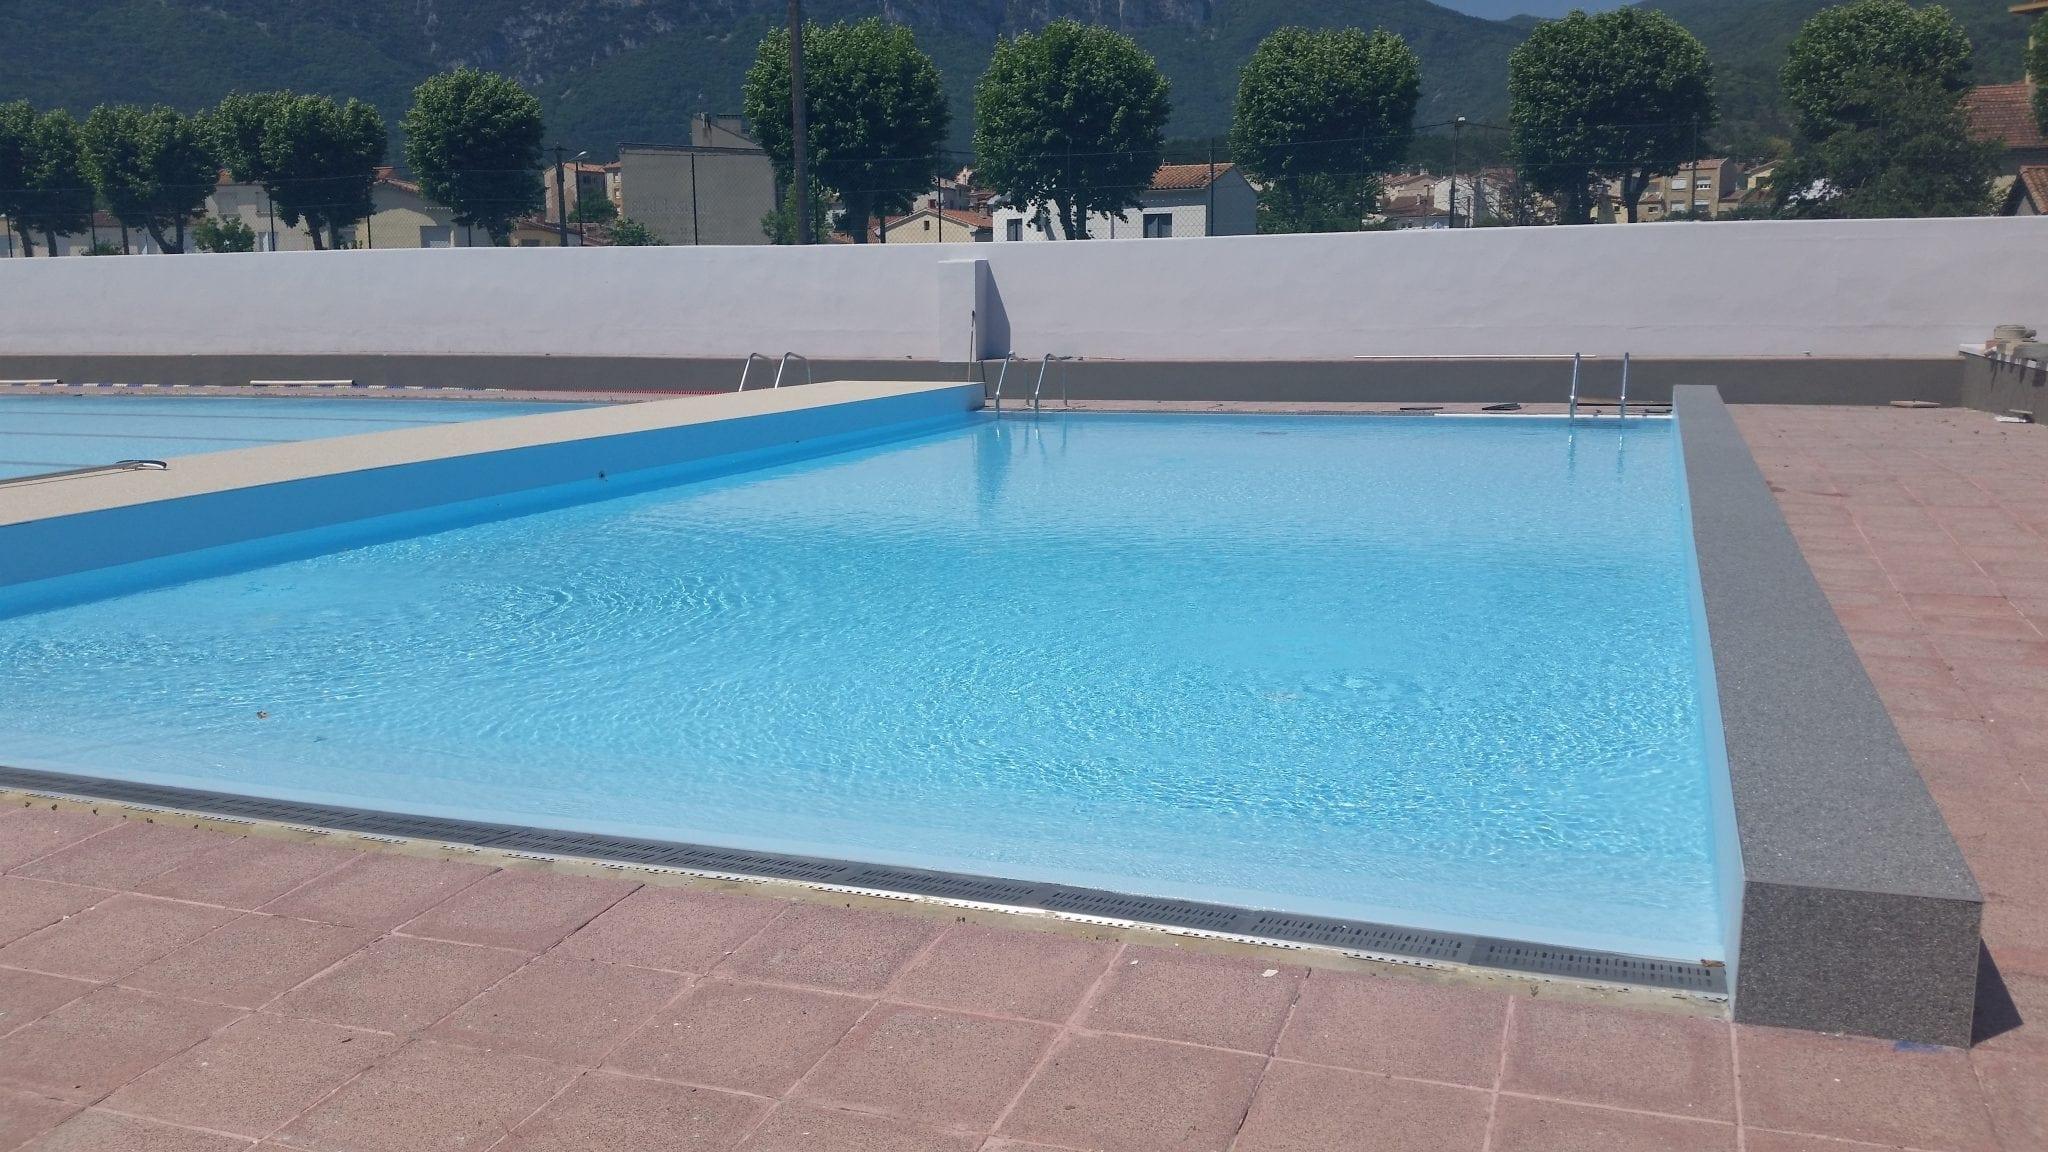 Renovation piscine public narbonne 9 btv piscine for Piscine narbonne